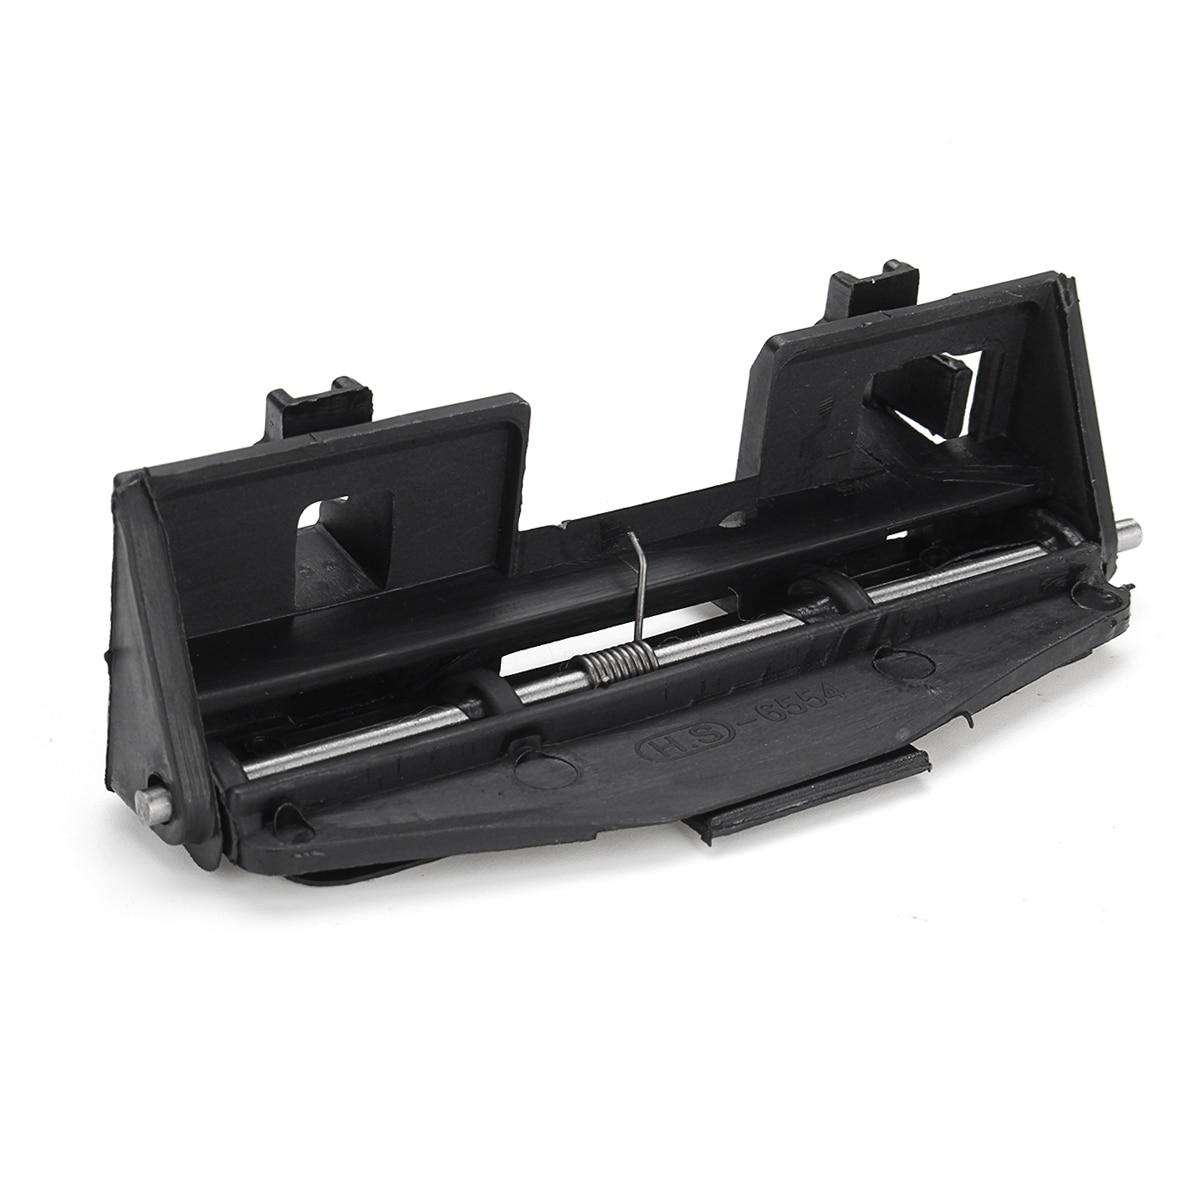 מיכל דלק גז דלת ציר ציר דש מילוי פלסטיק ואלומיניום עבור BMW 5 הסדרה 7 E34 E32 סלון 51171928197